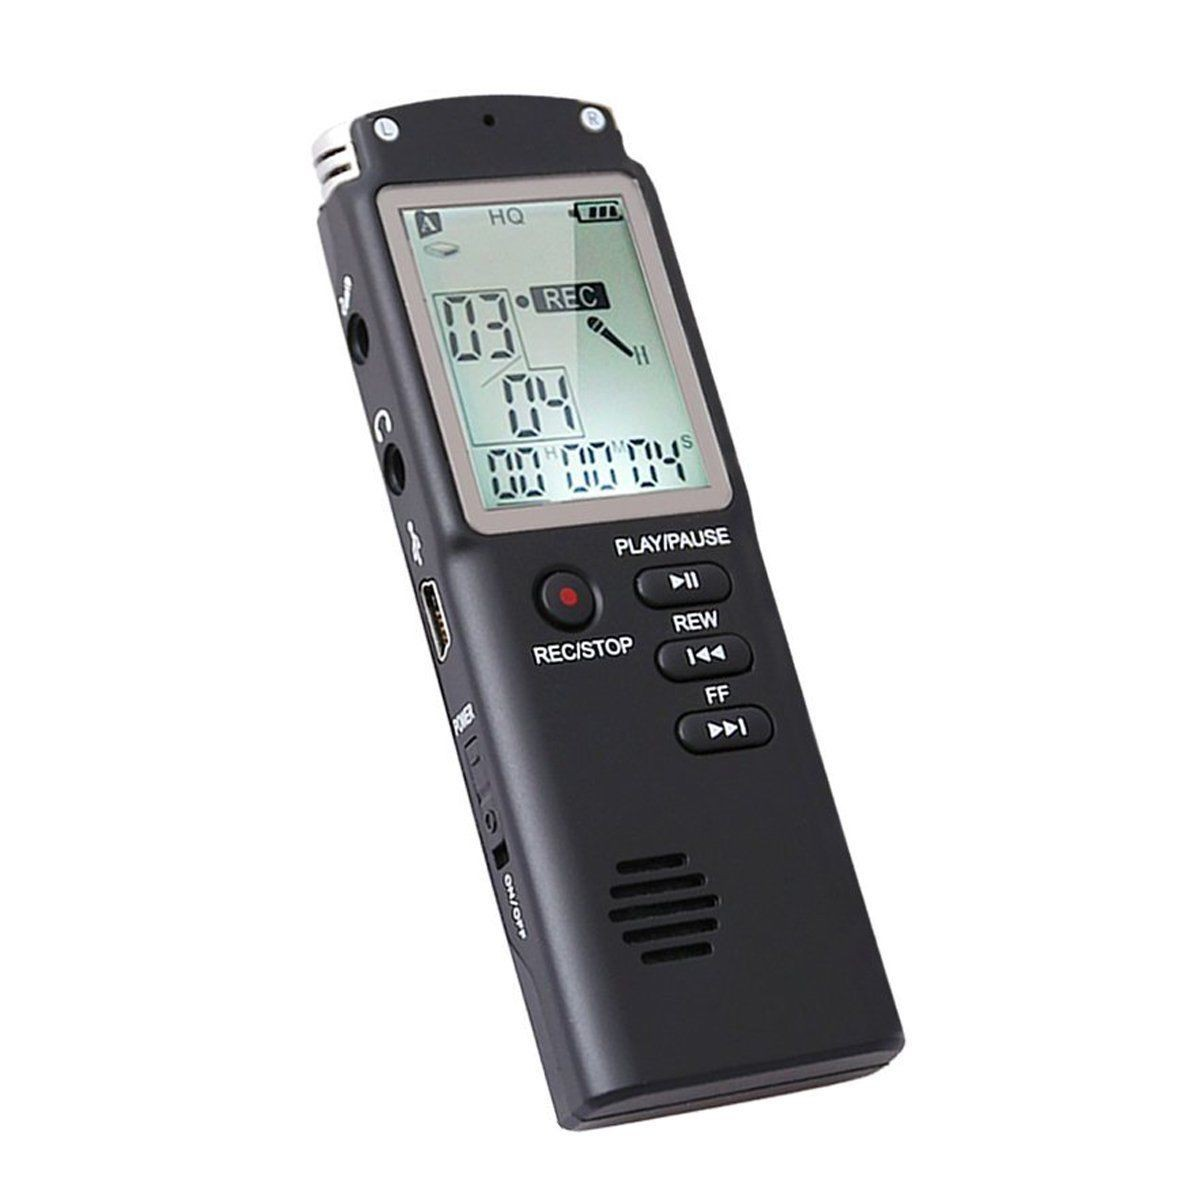 Diktofonas Su VOX Balso Atpažinimo Funkcija (16Gb Atmintis, Li-Ion Baterija, Stereo Įrašymas)